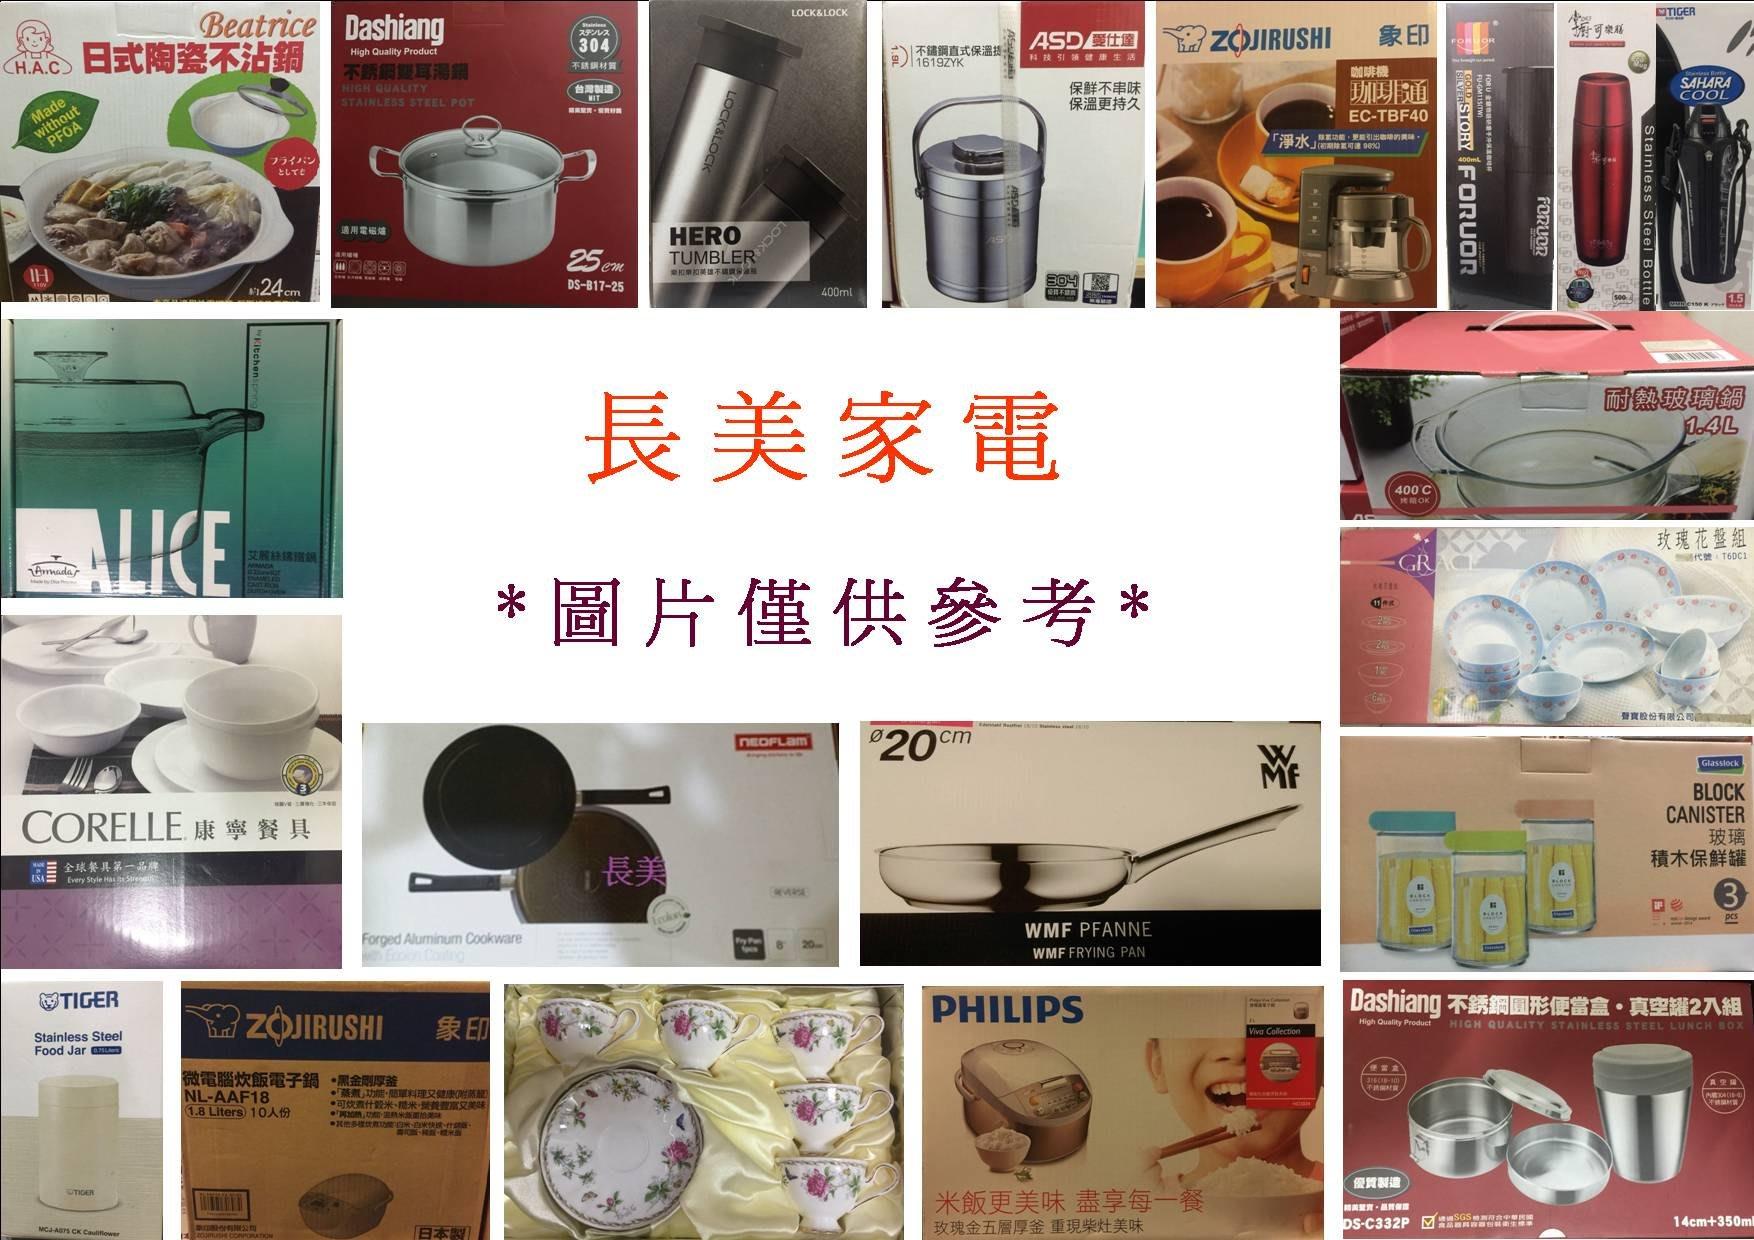 板橋-長美 新格咖啡機 SCM-1009S / SCM1009S 新格多功能全自動研磨咖啡機